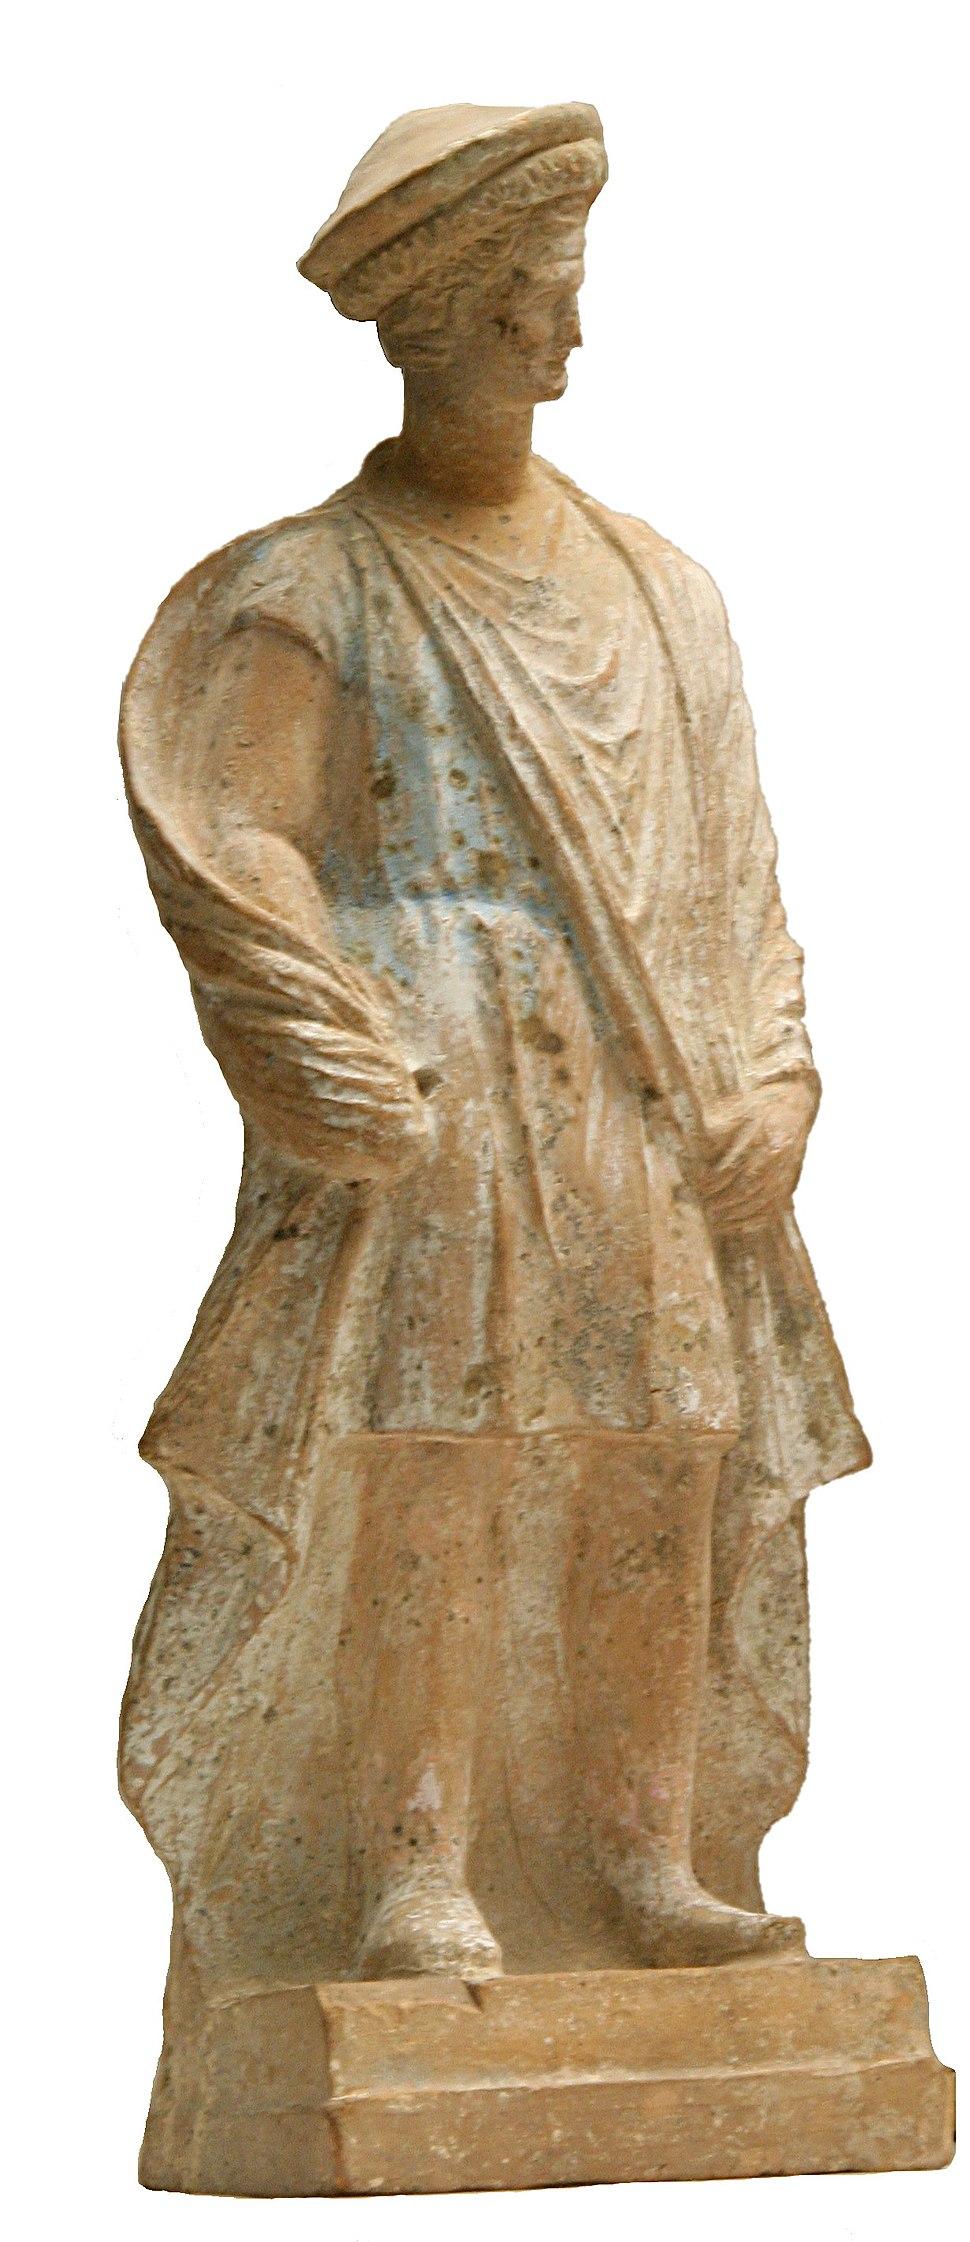 Terrakota Statue eines Makedoniers 3 Jhdt v Chr